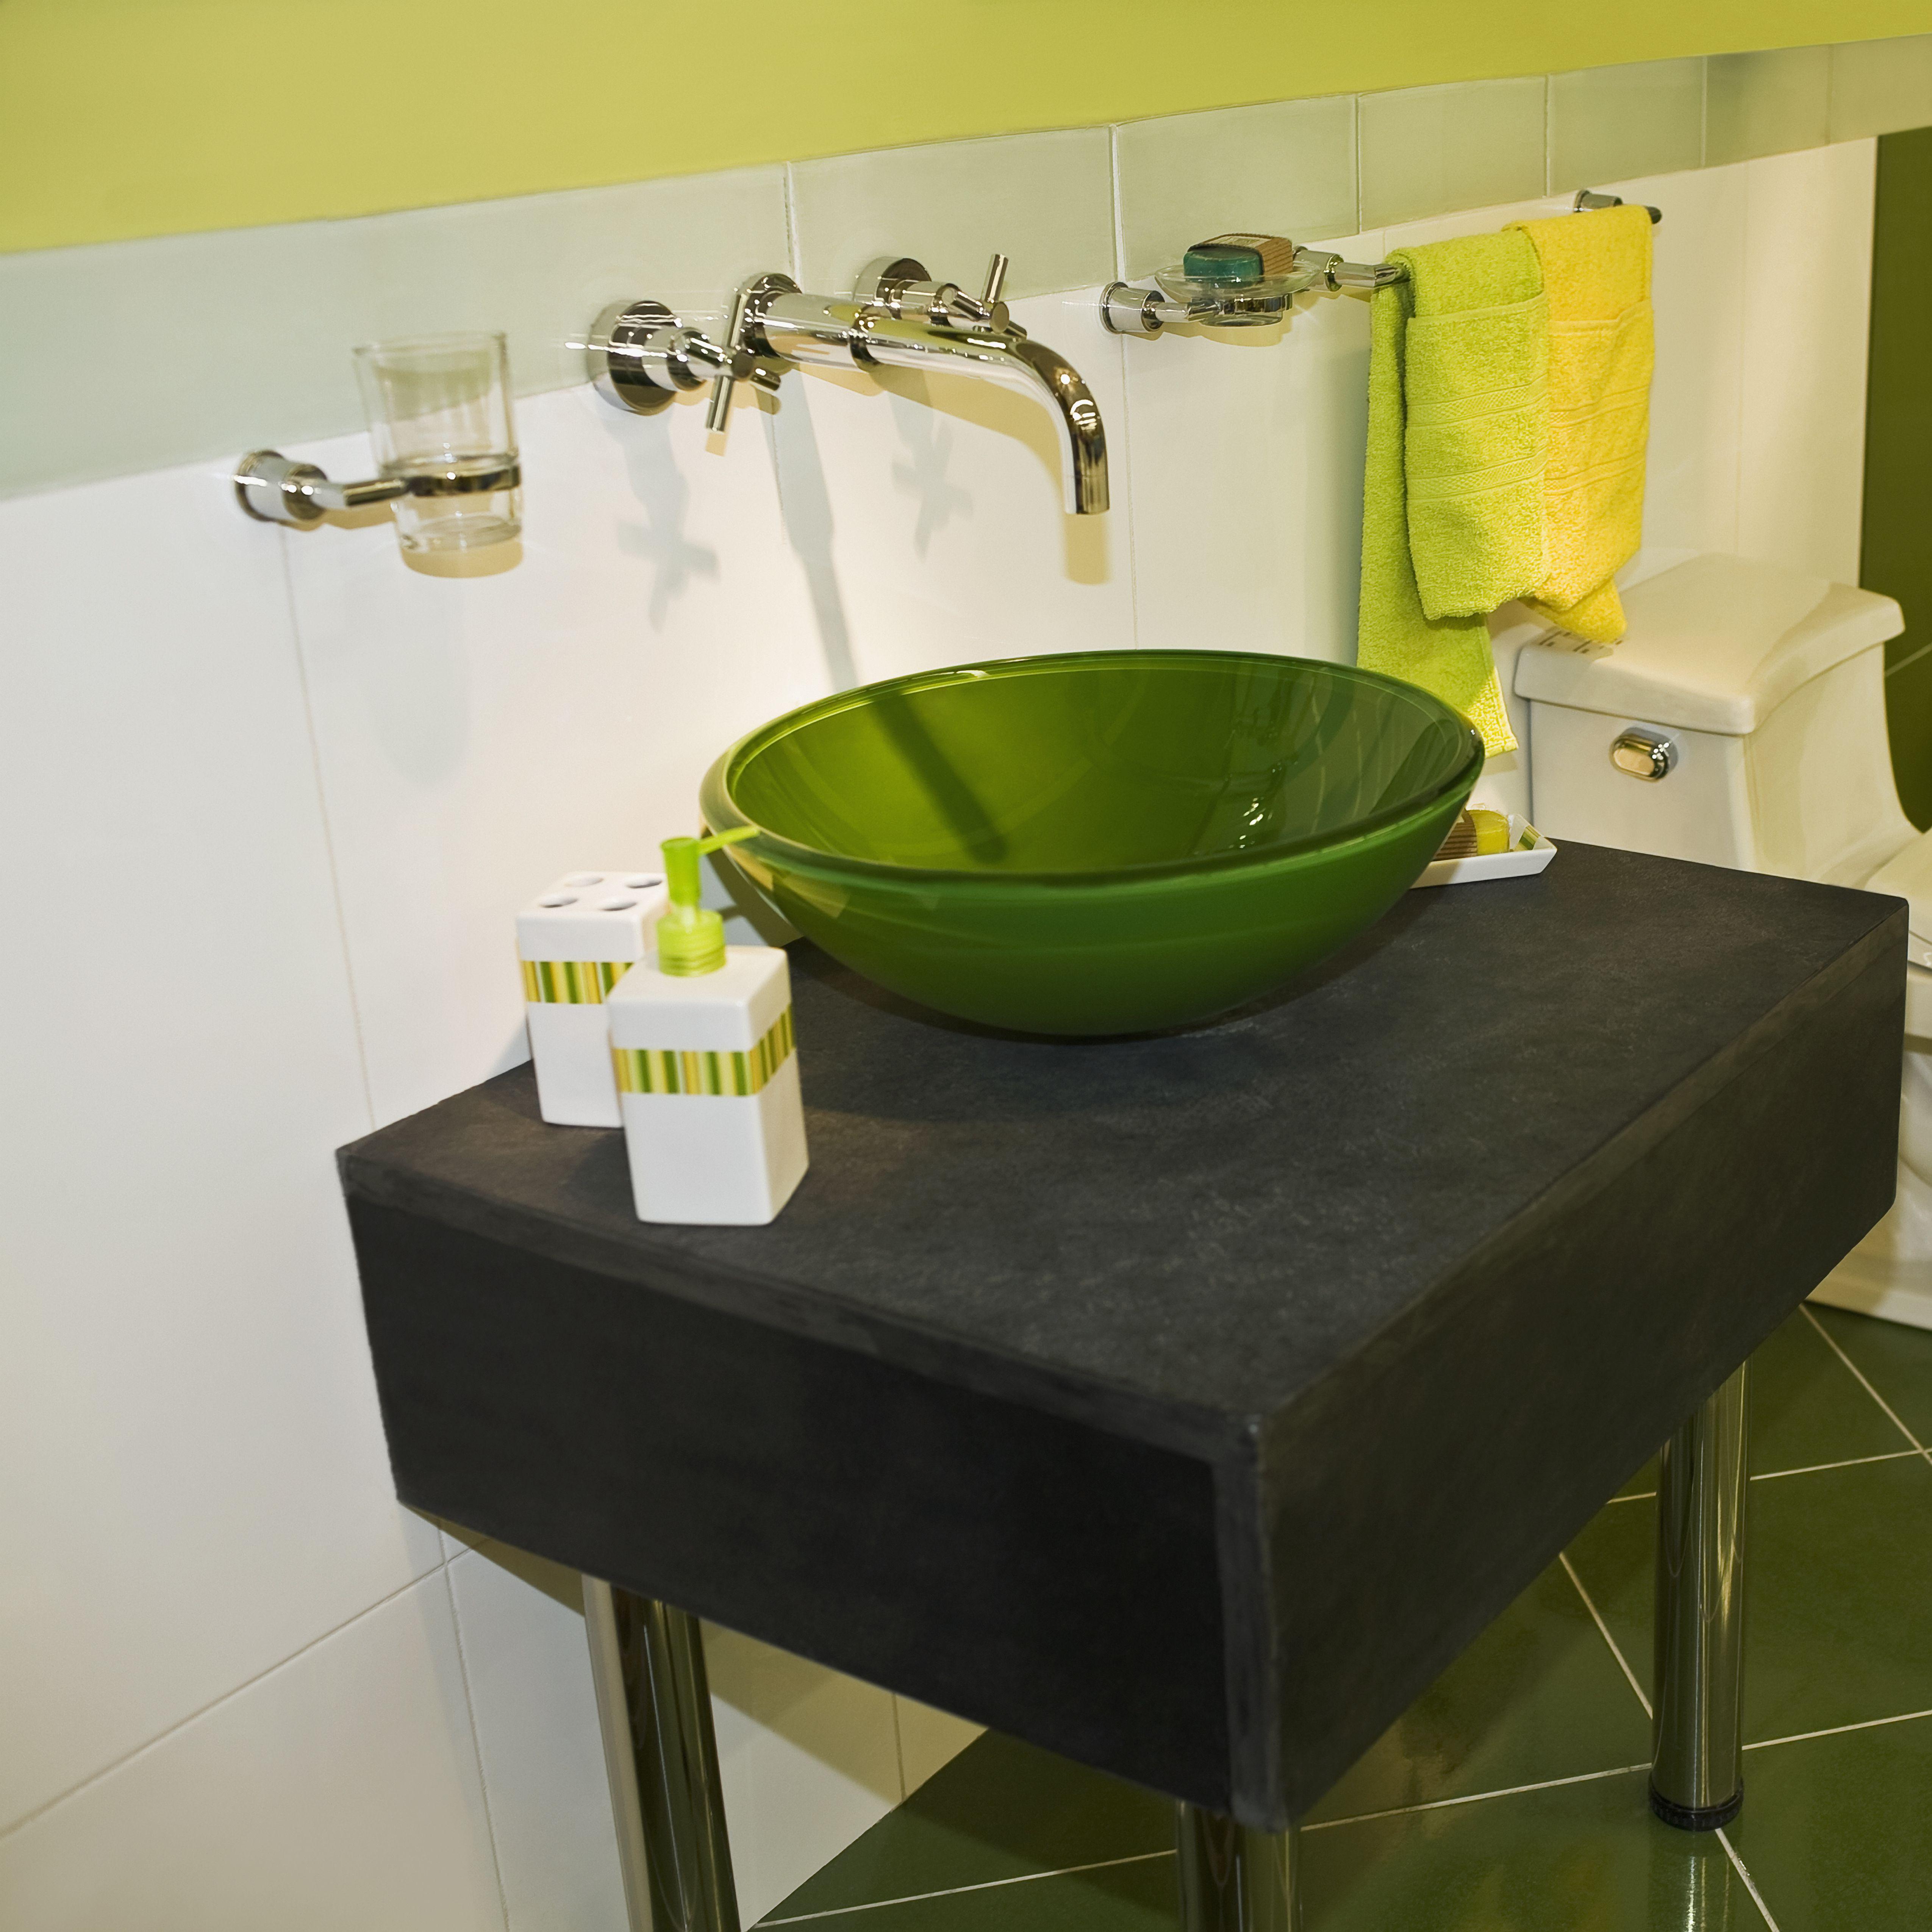 Kitchen Sink Etiquette: Vessel Sinks Buyer's Guide